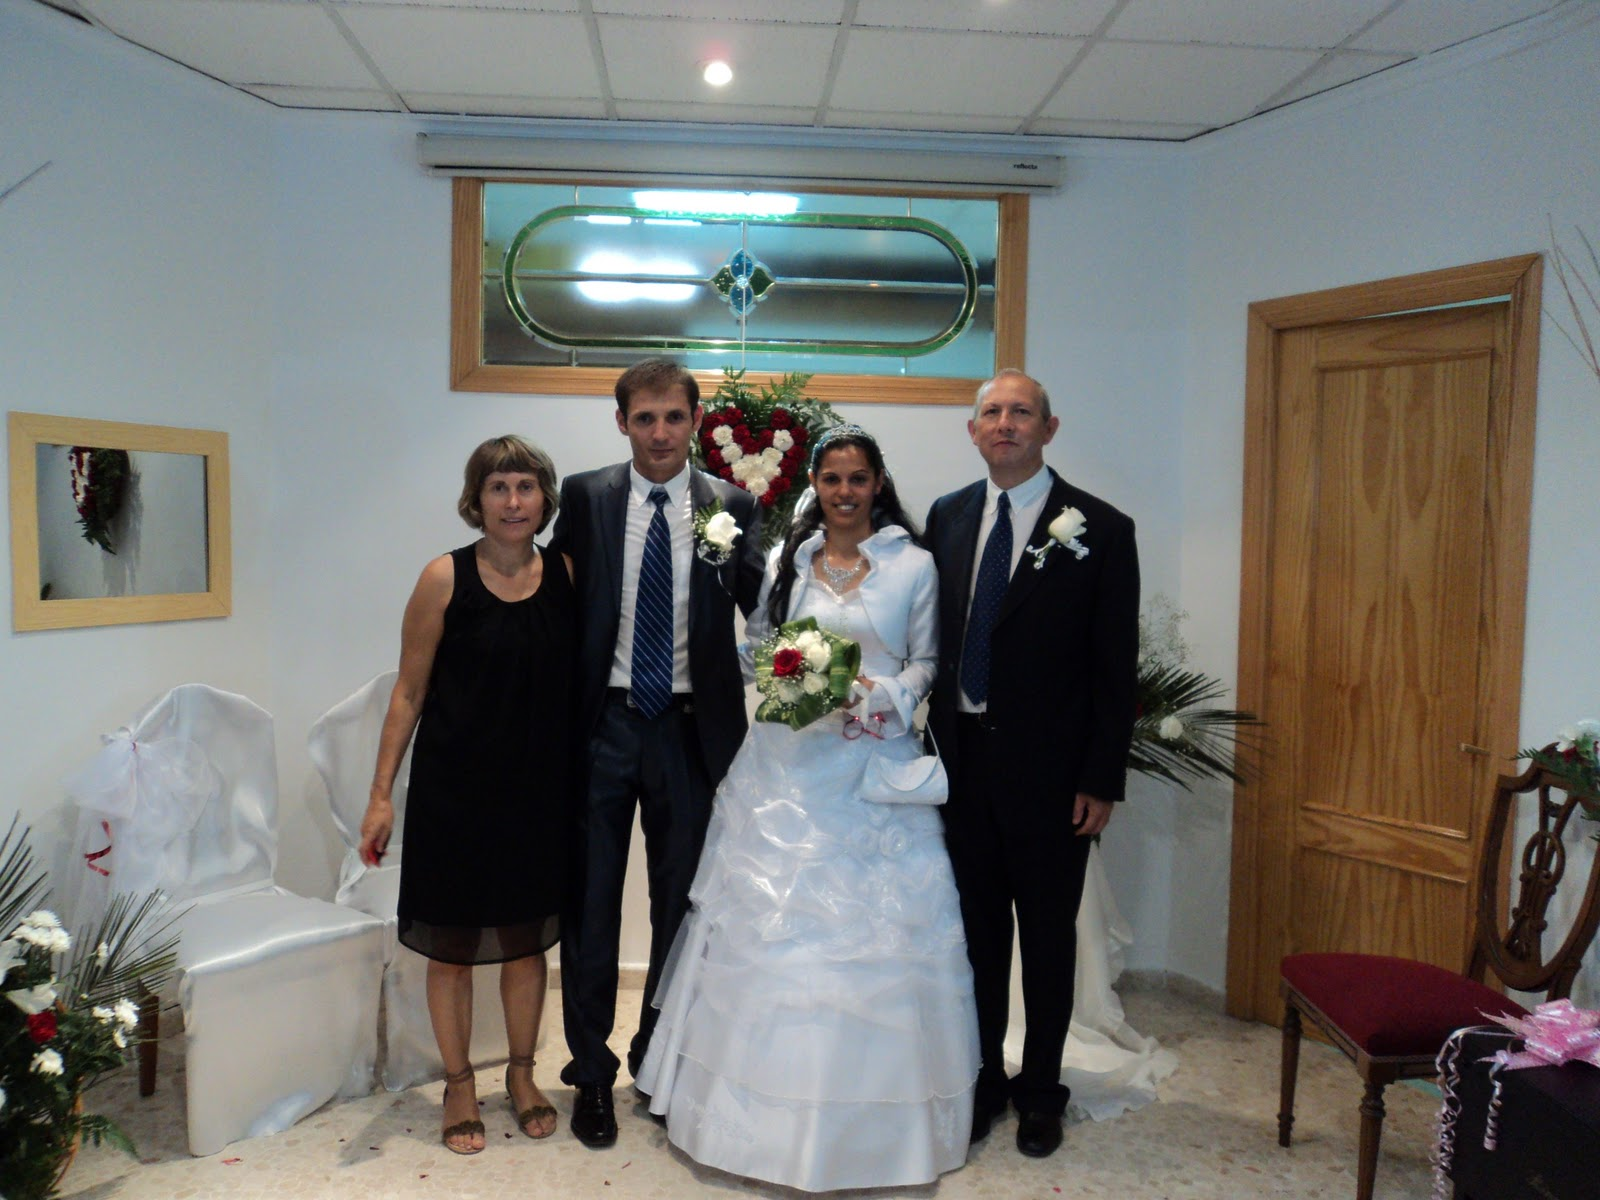 Matrimonio Catolico Y Adventista : Iglesia cristiana adventista de huelva la boda alina